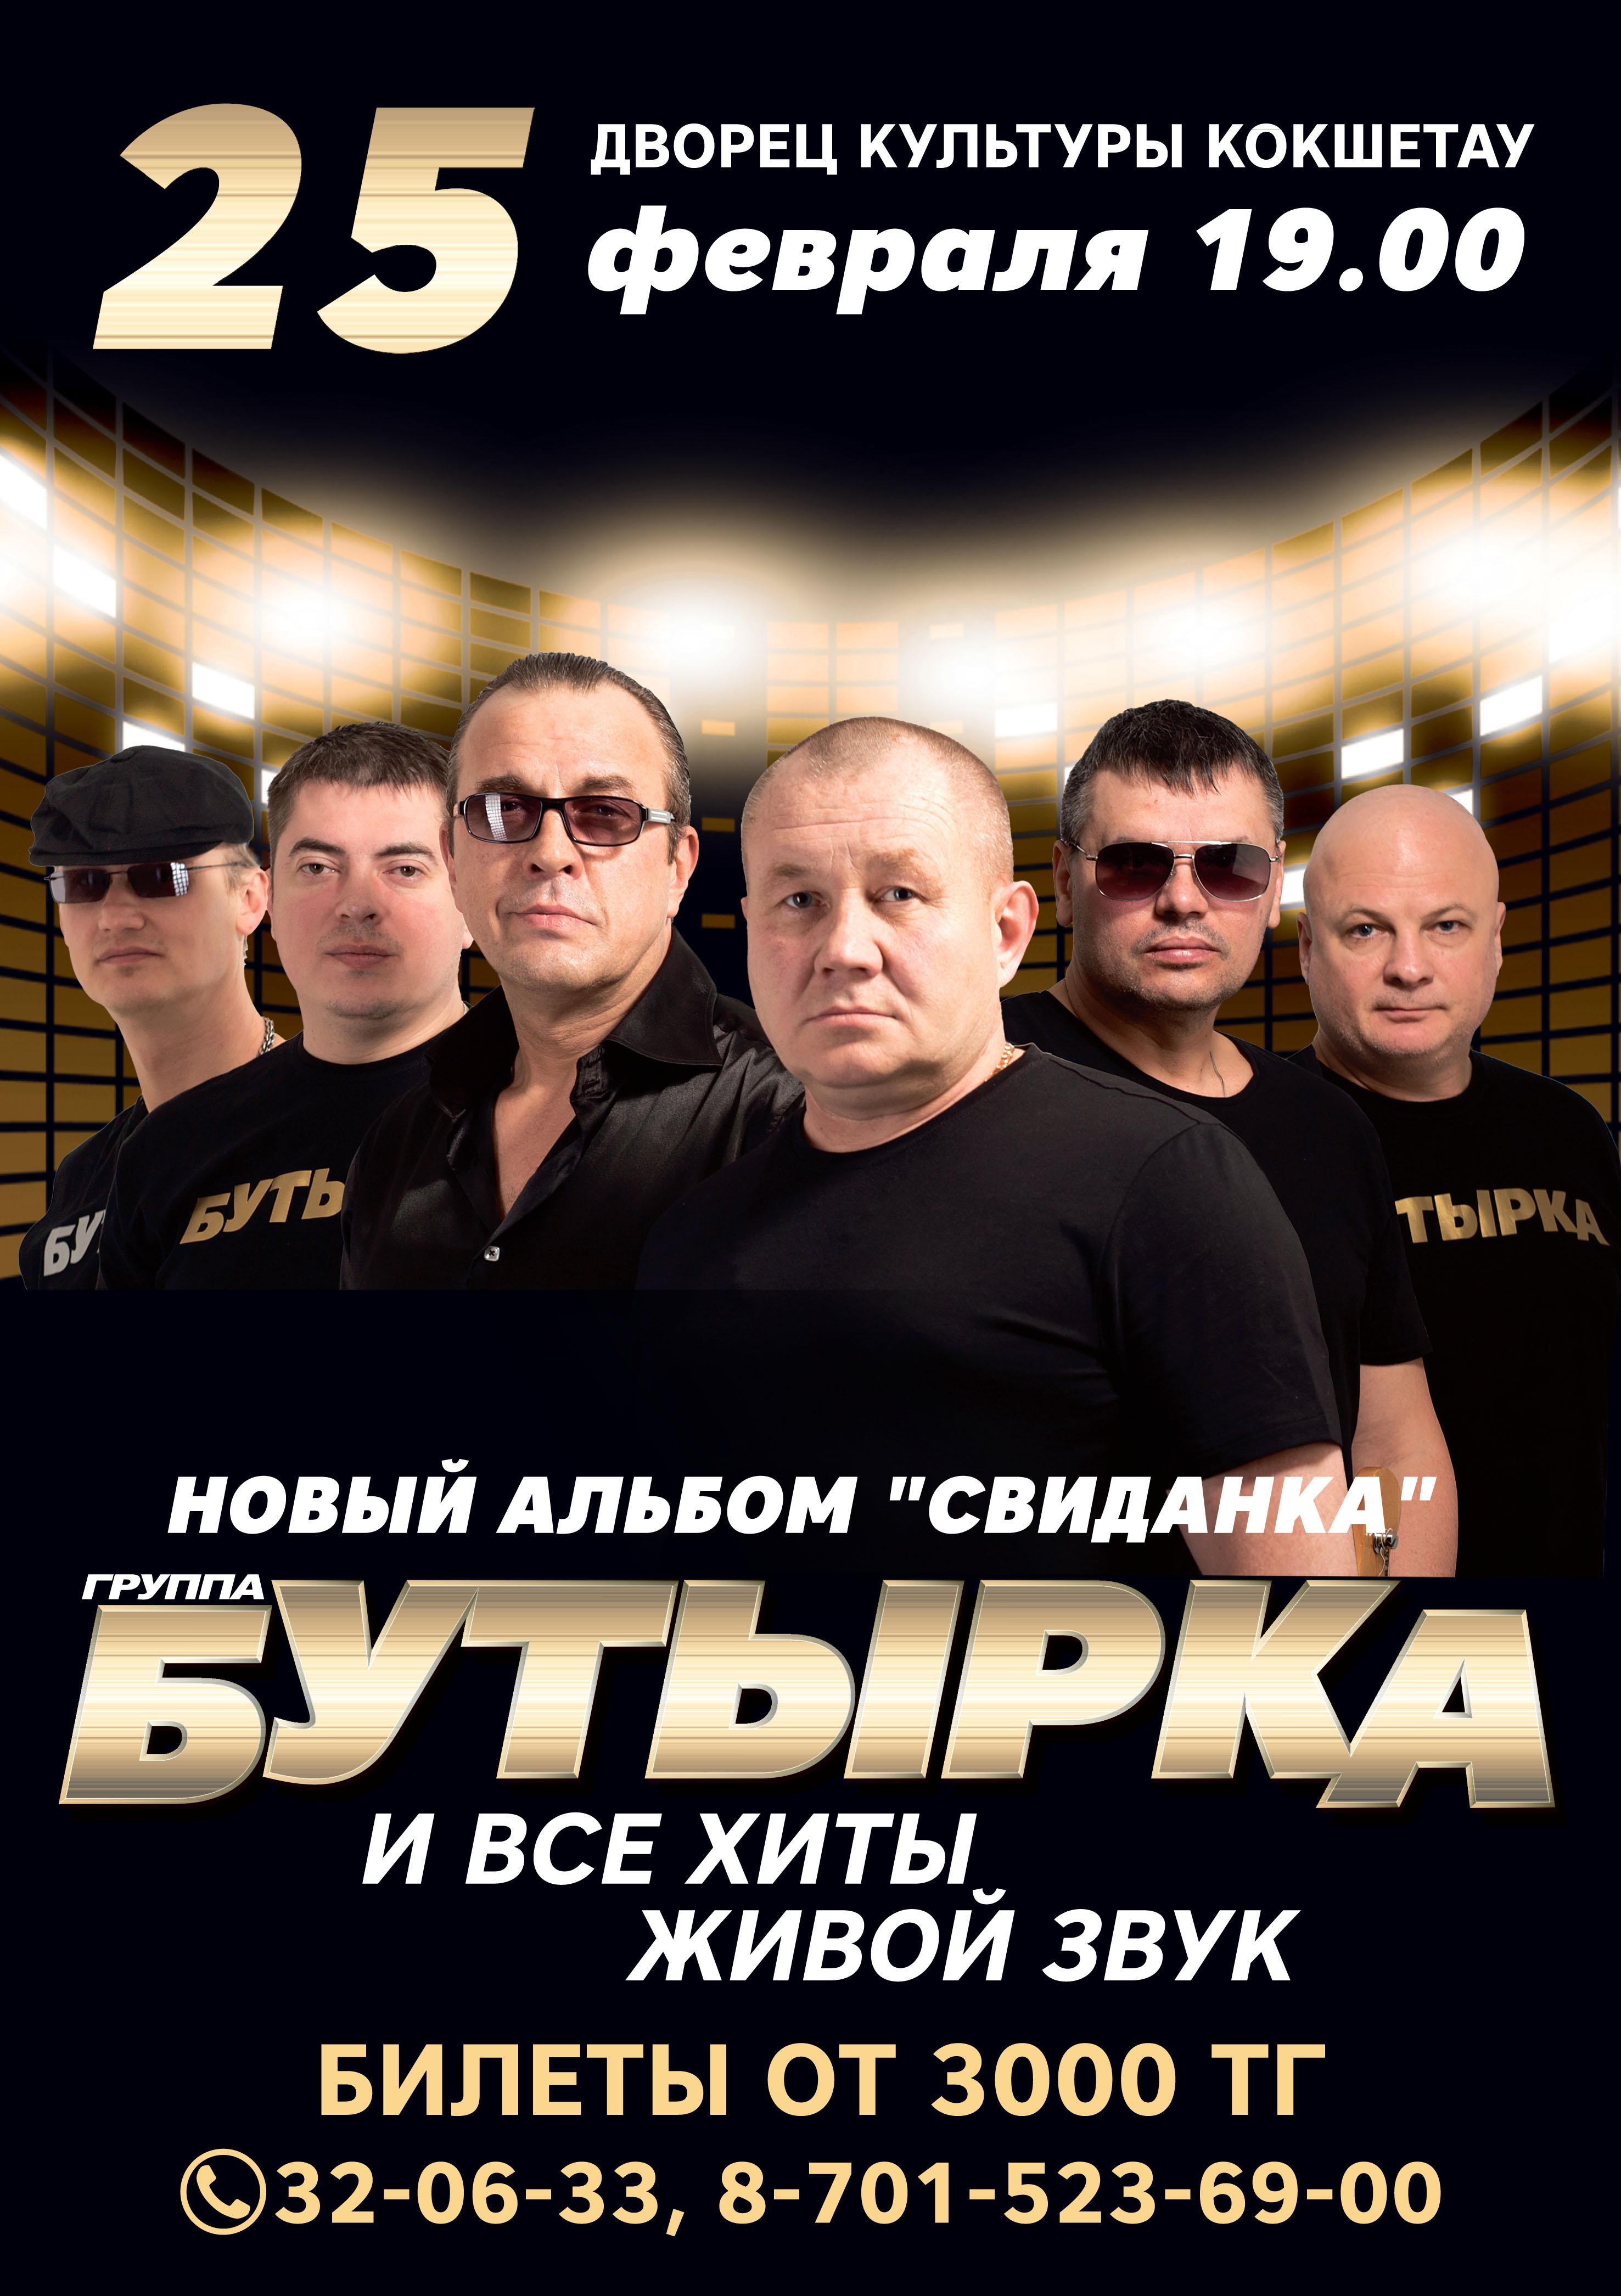 """Группа БУТЫРКА с новой программой """"Свиданка"""" и все хиты в Кокшетау"""